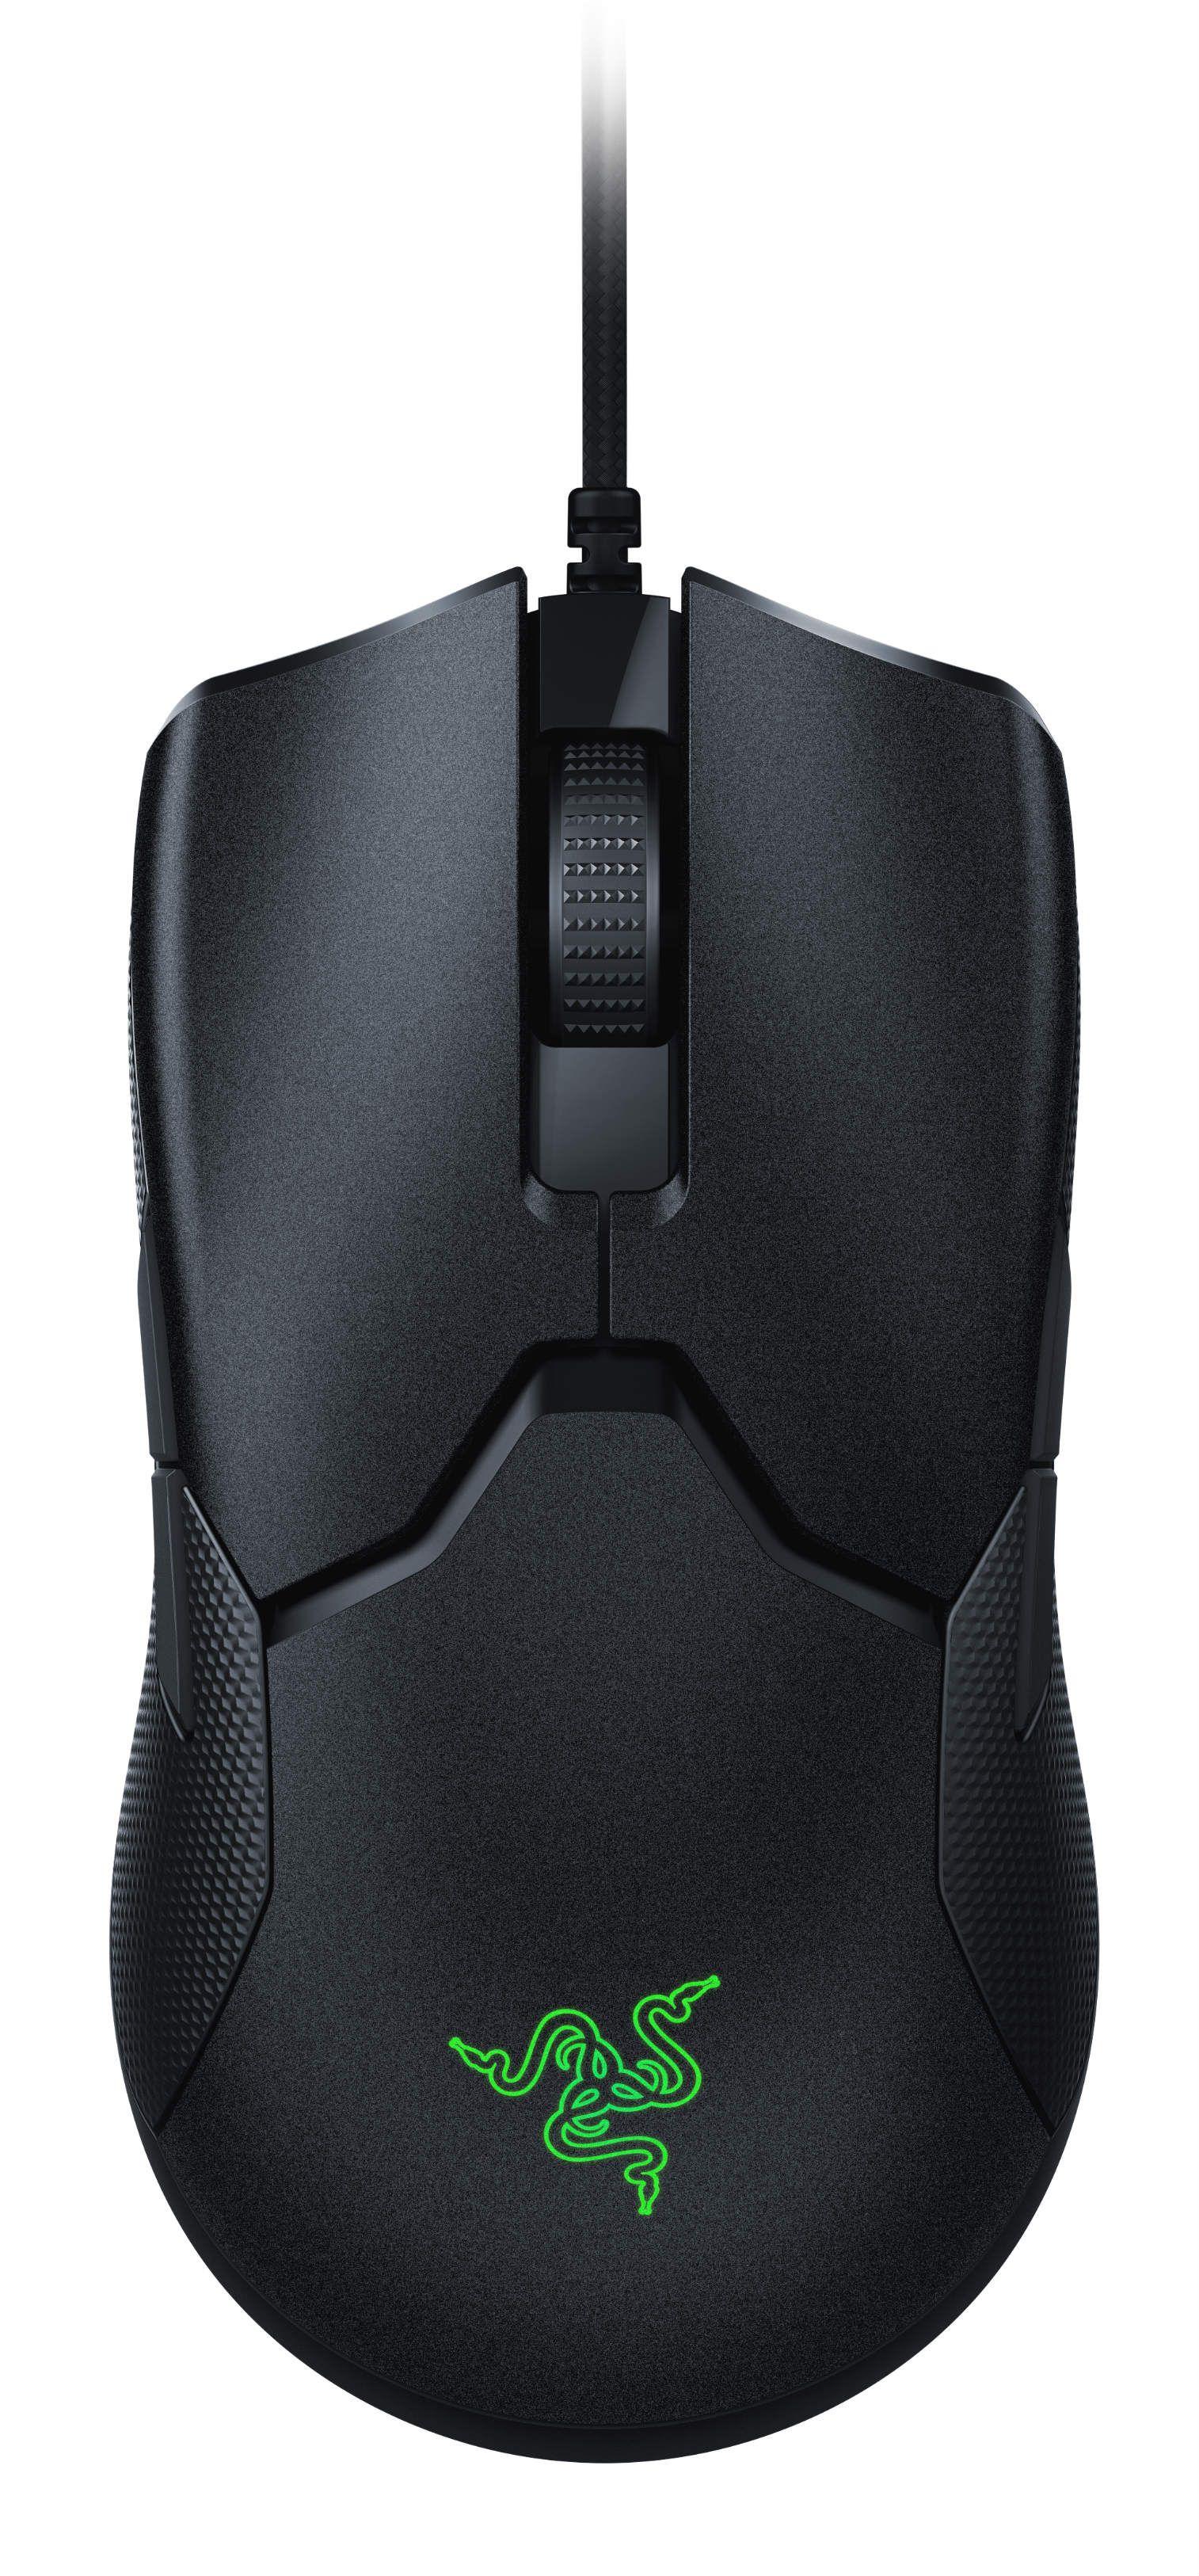 Гейминг мишка Razer - Viper, оптична, черна - 1